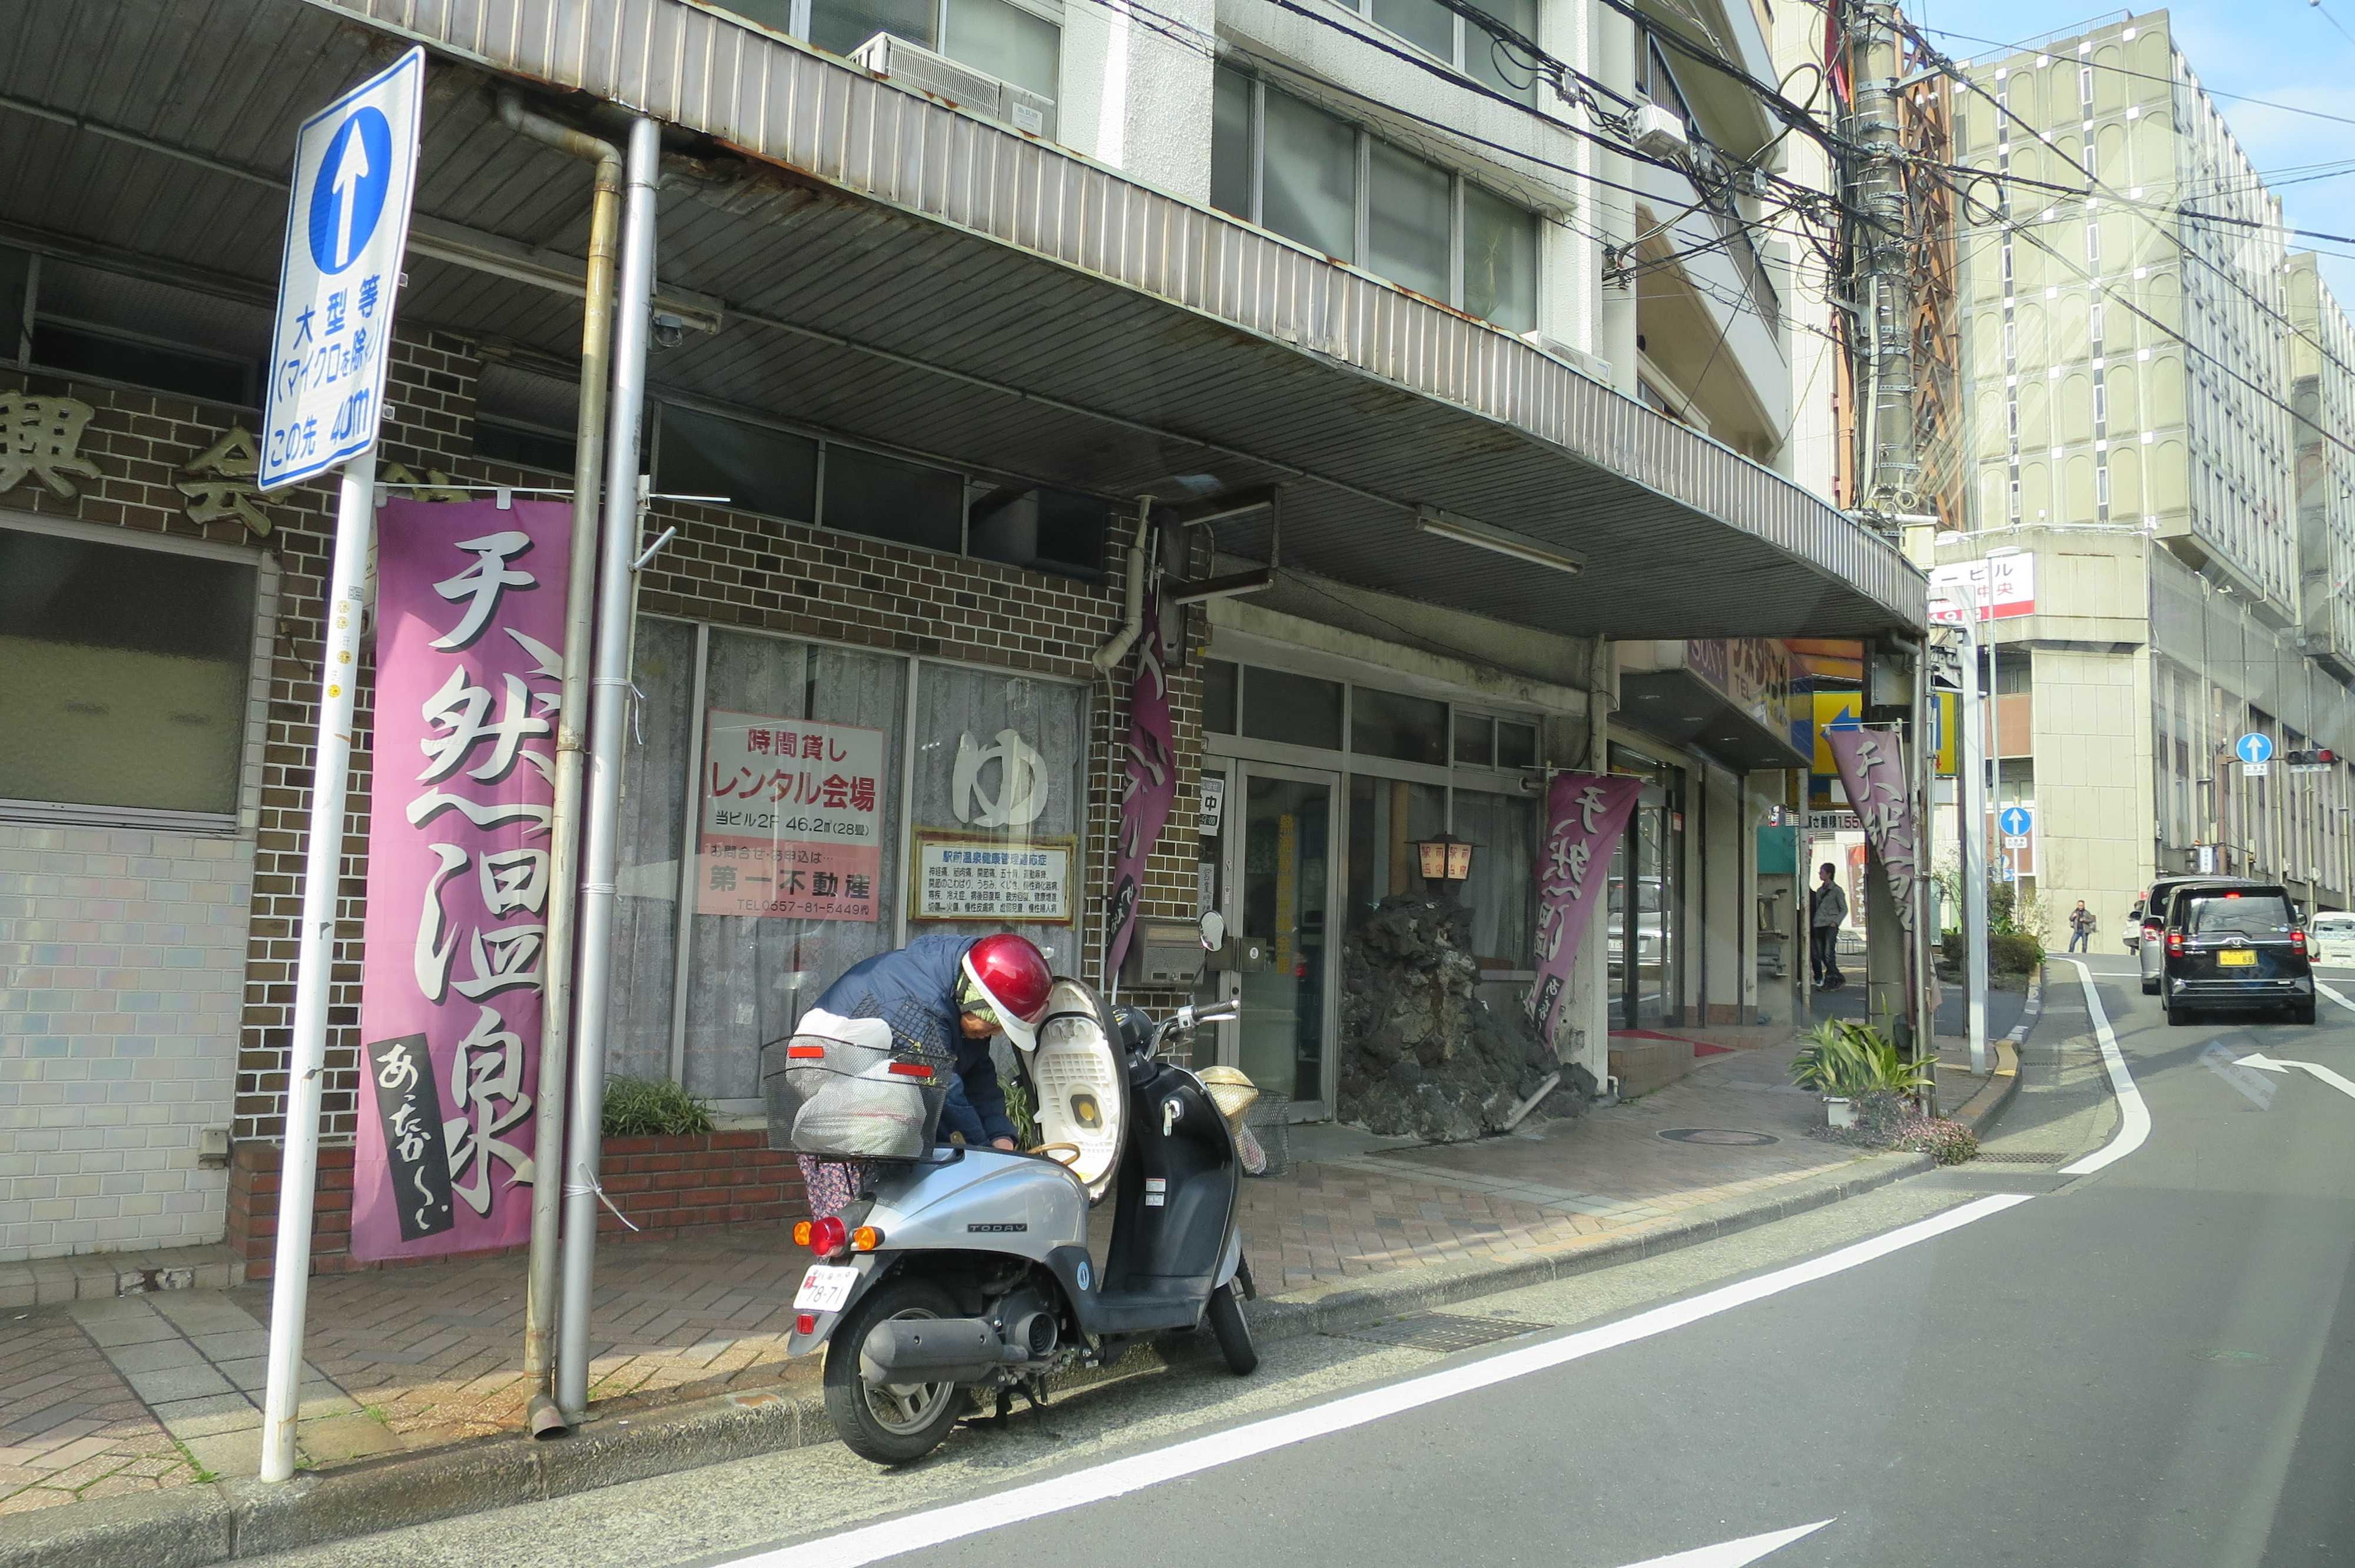 熱海 - タクシーの車窓